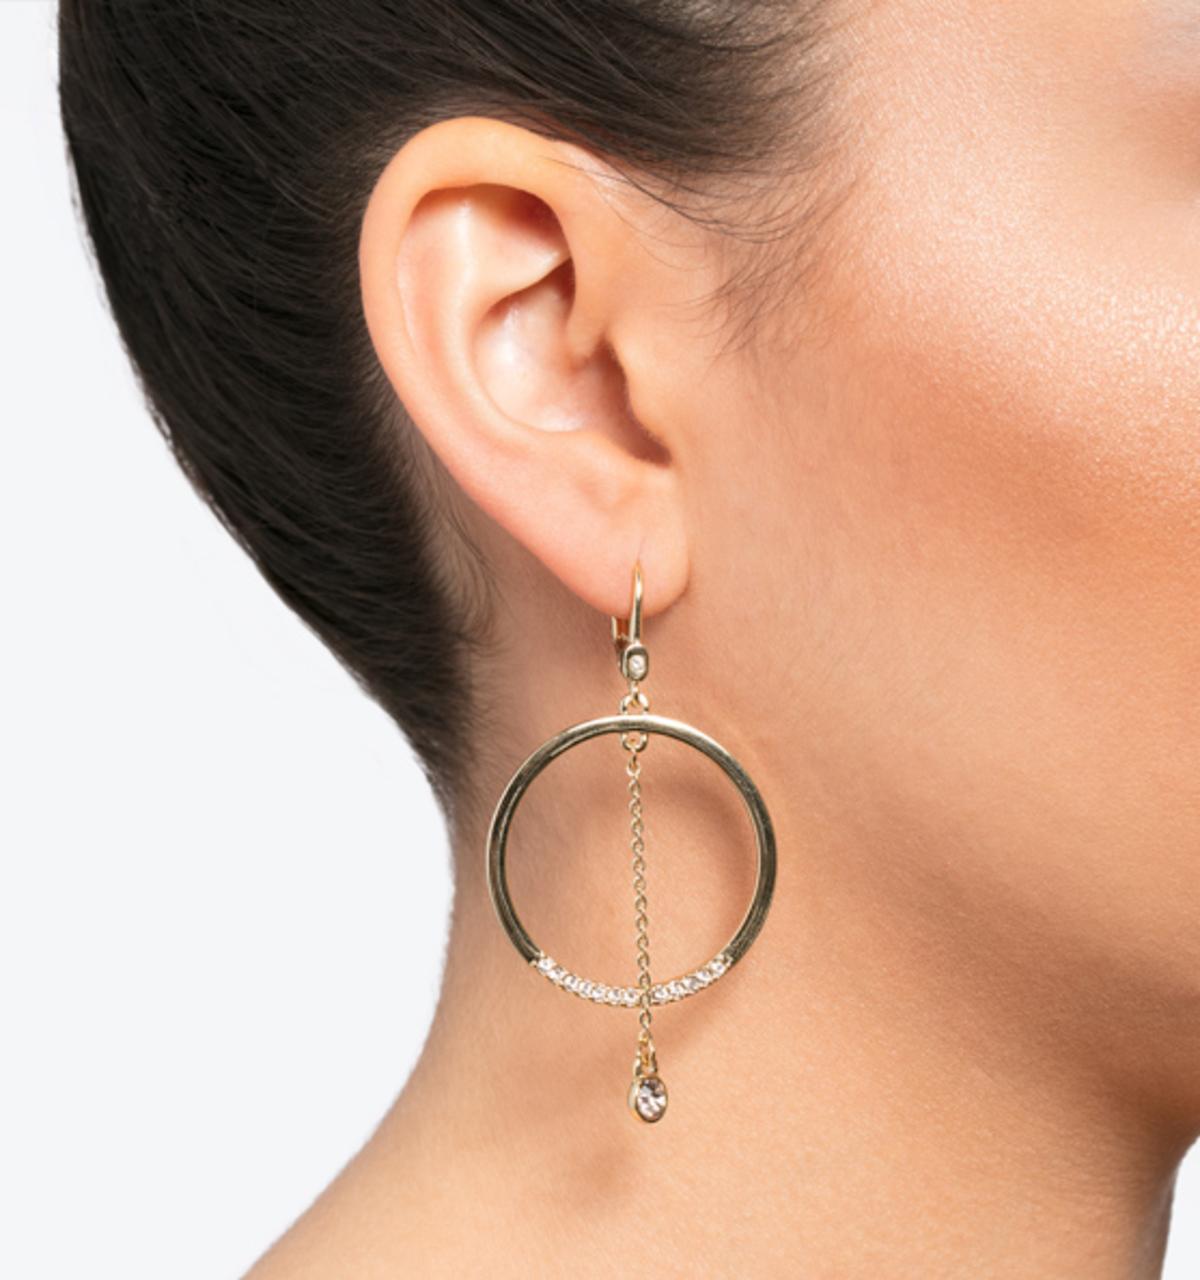 Soho social orbital earrings